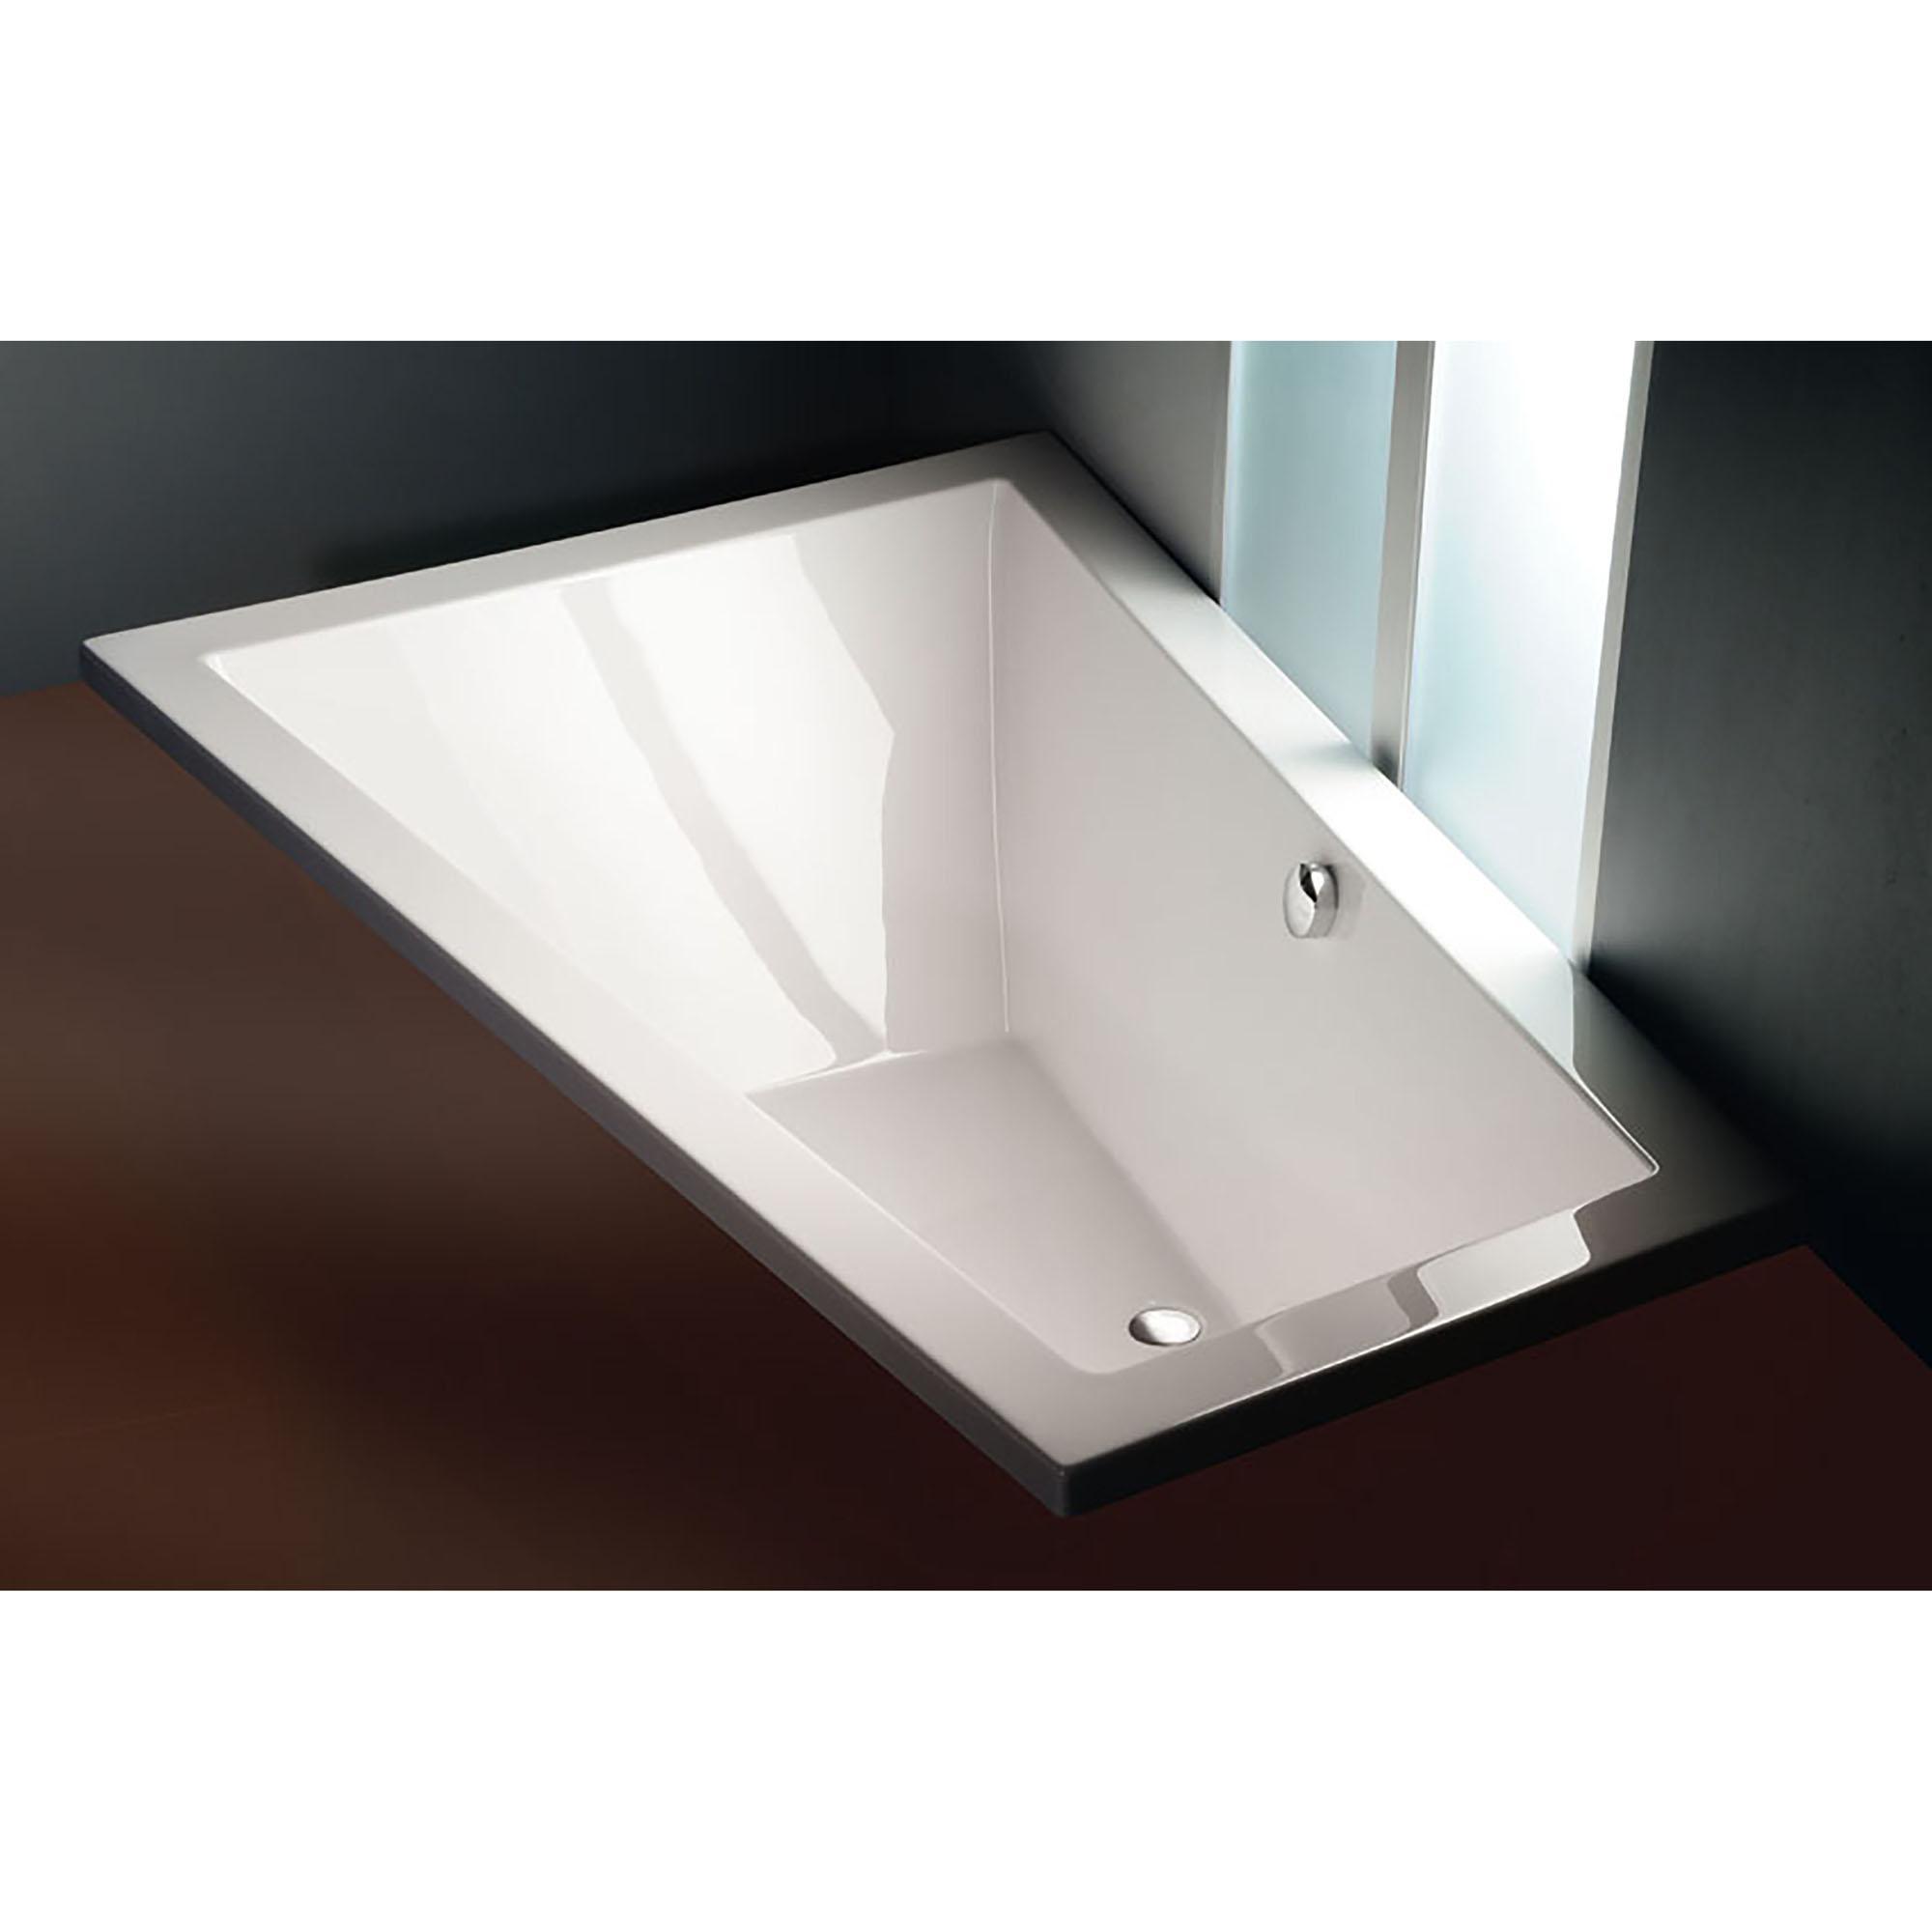 Акриловая ванна Alpen Triangl 180x120 L акриловая ванна alpen triangl 180x120 r правая комплект